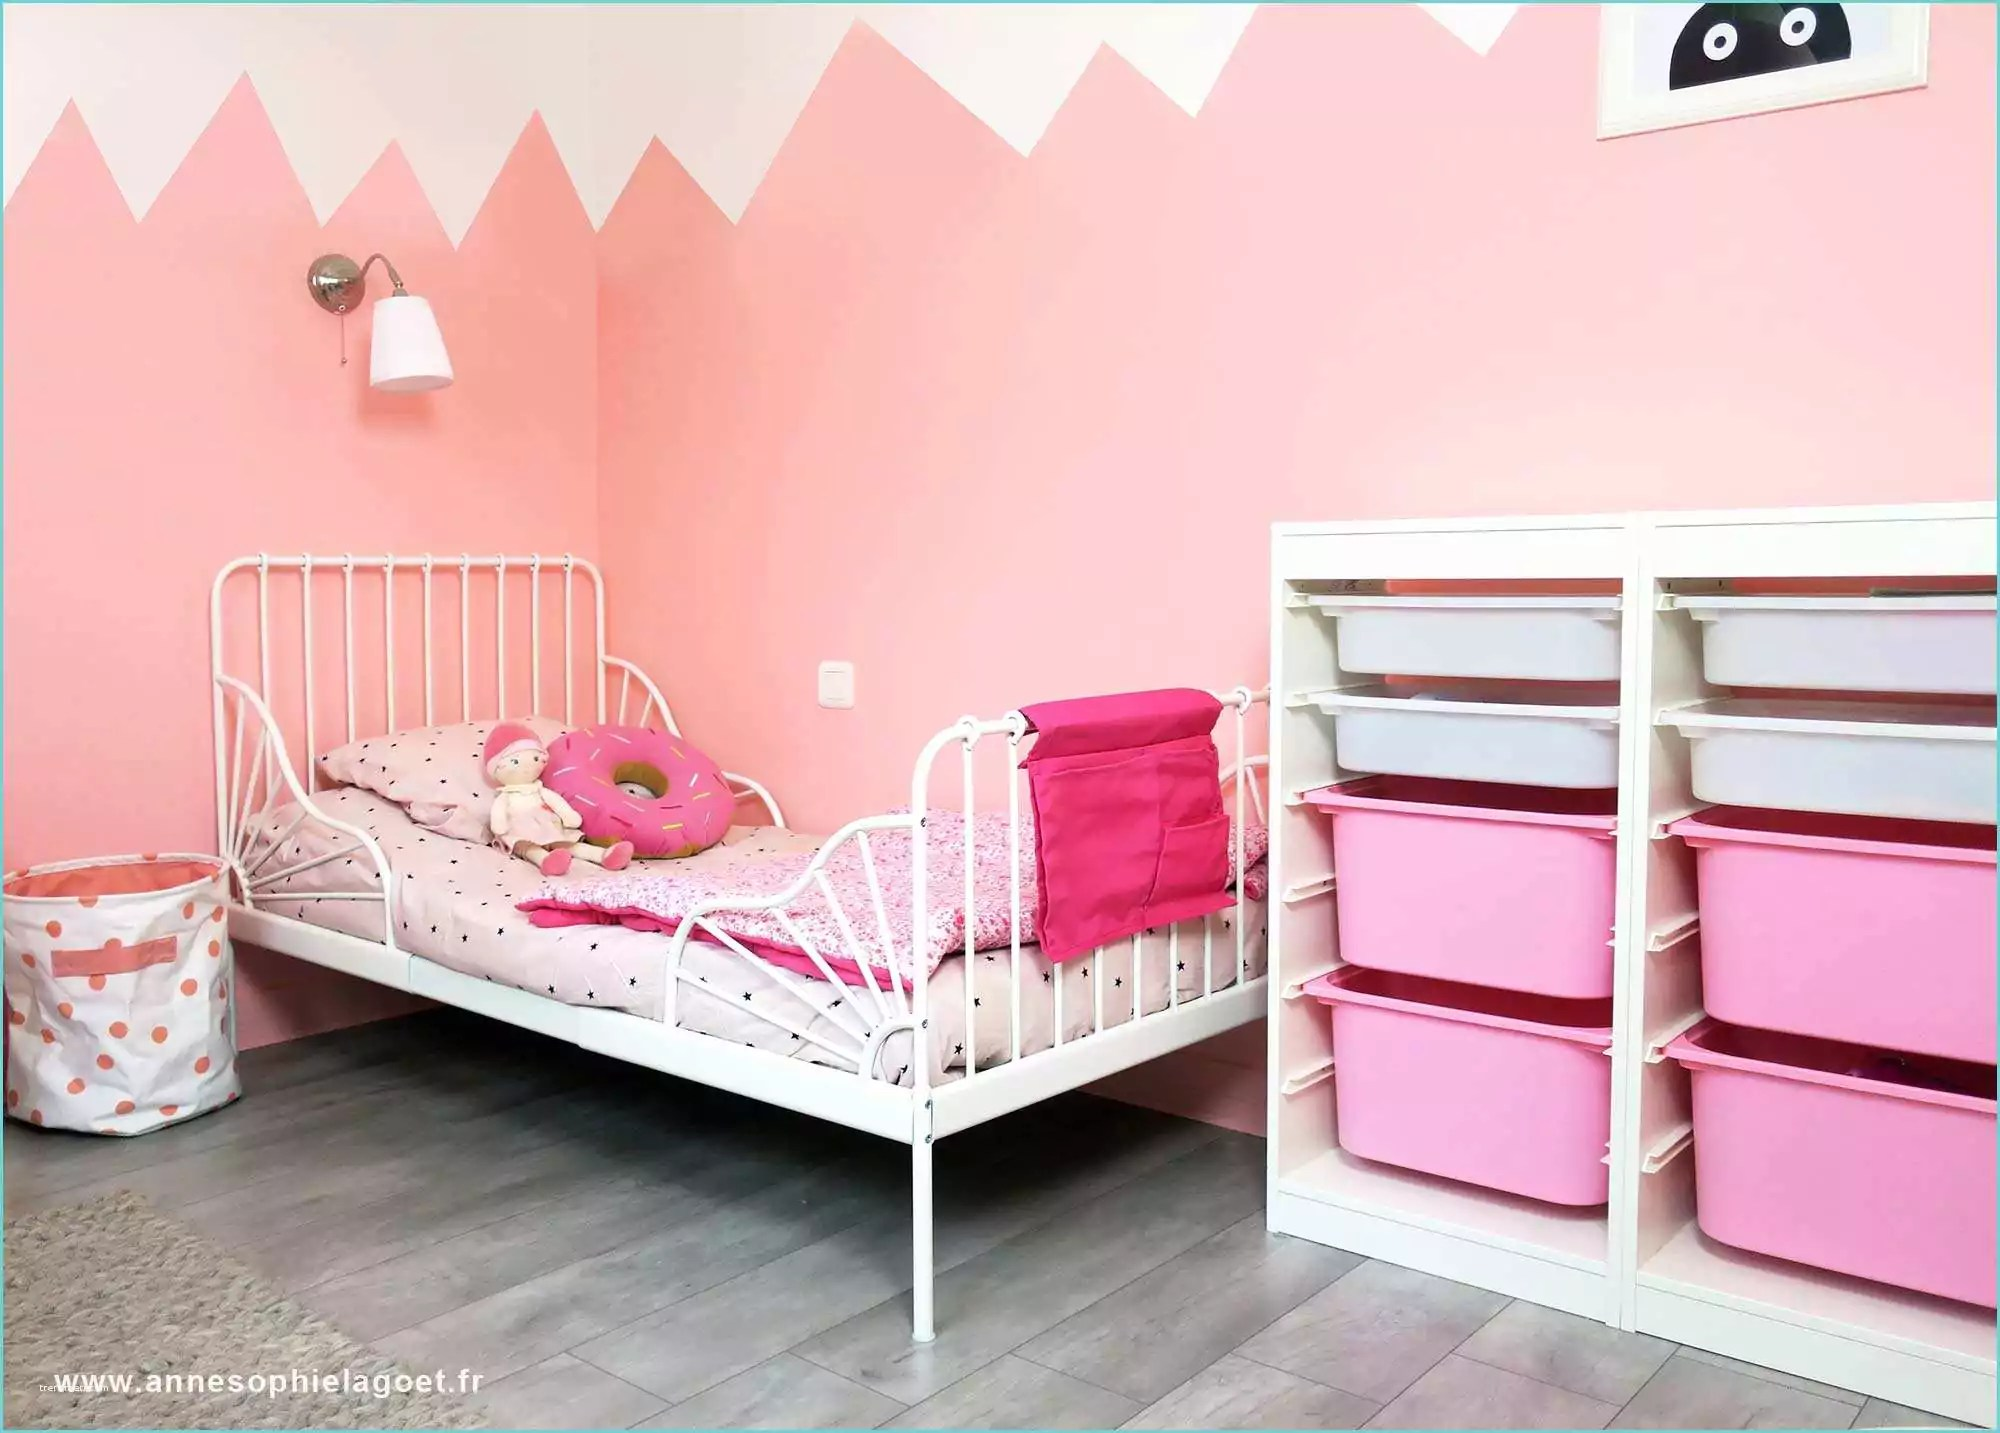 Chambre Gris Et Rose Fushia | Chambre Rose Et Gris Ado Mikea Galerie